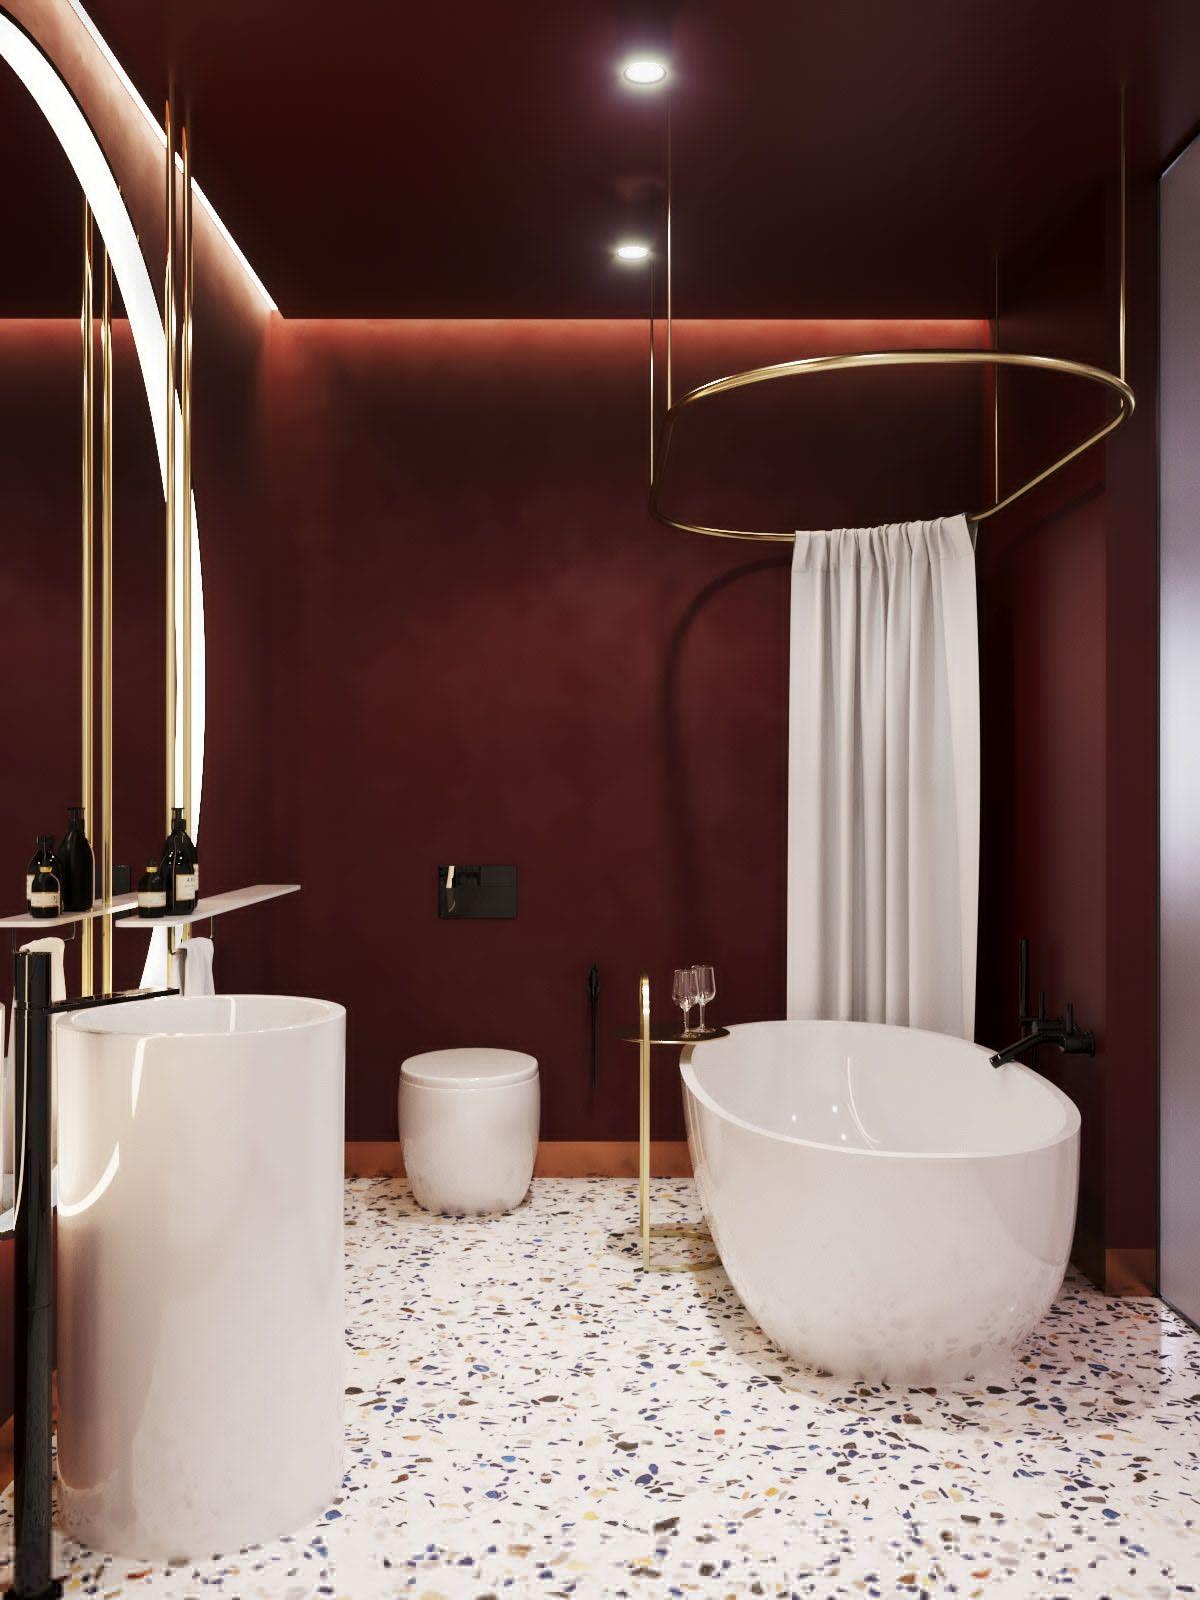 Pin By Caroline Ma On Bathroom Burgundy Bathroom Bathroom Interior Design Bathroom Design Layout